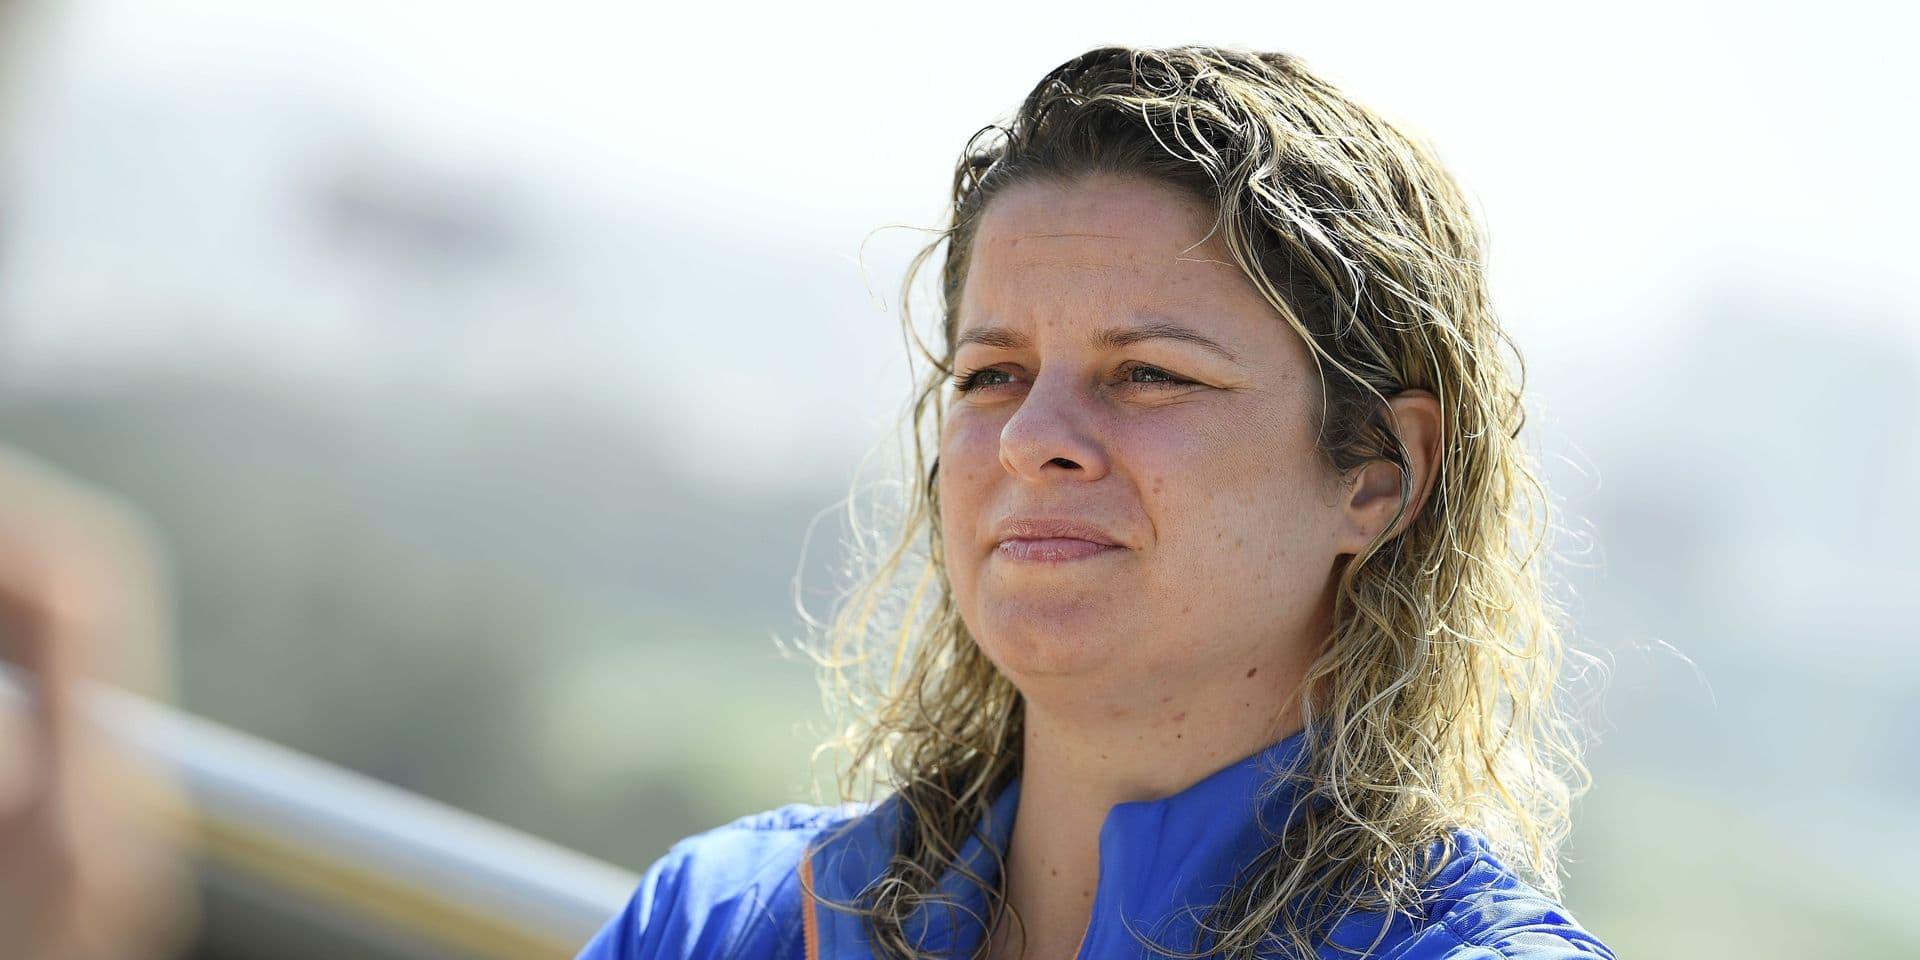 C'est la rentrée pour Kim Clijsters ce lundi: la Belge reprend à la World Team Tennis